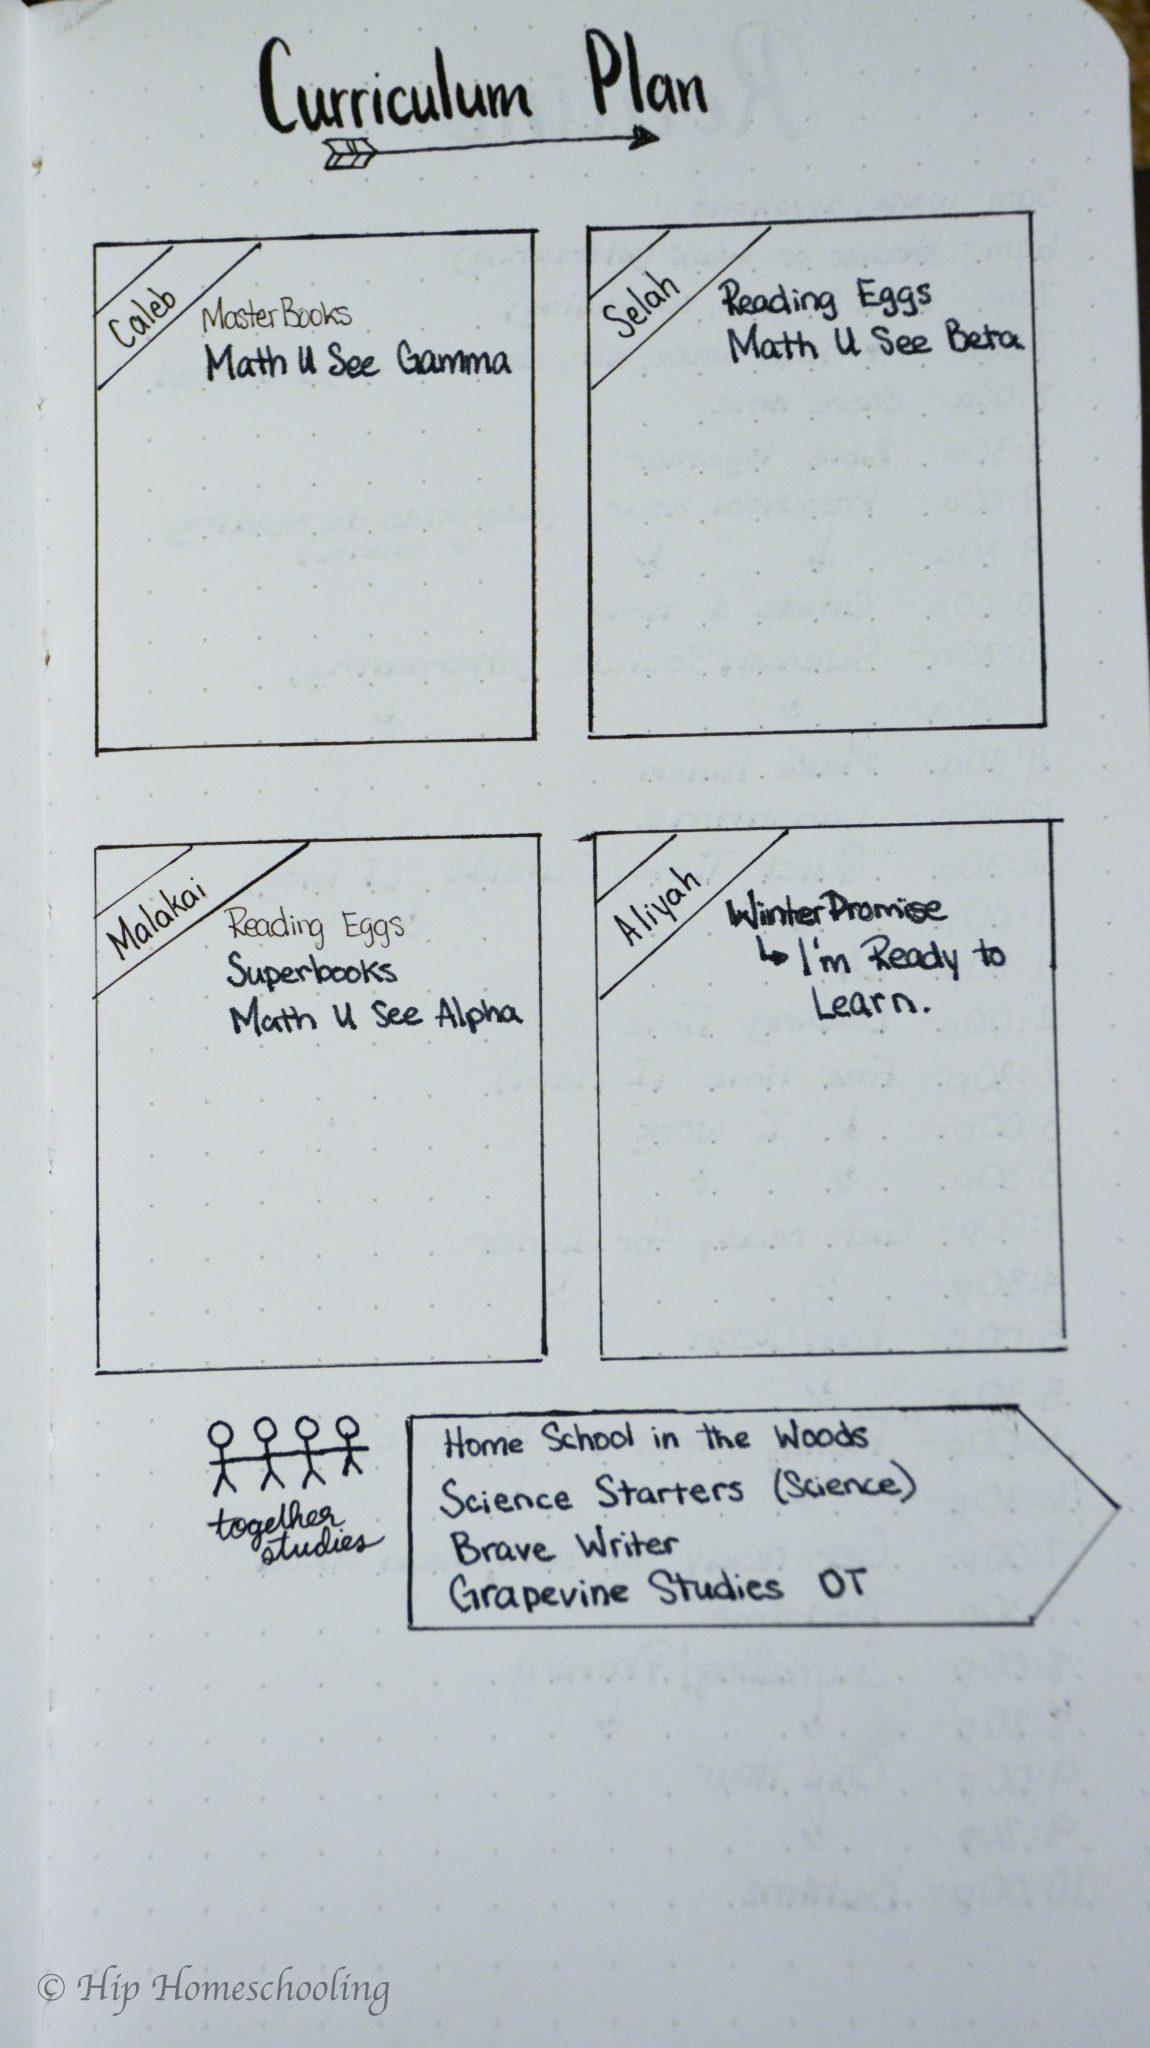 Homeschool Planning: curriculum plan